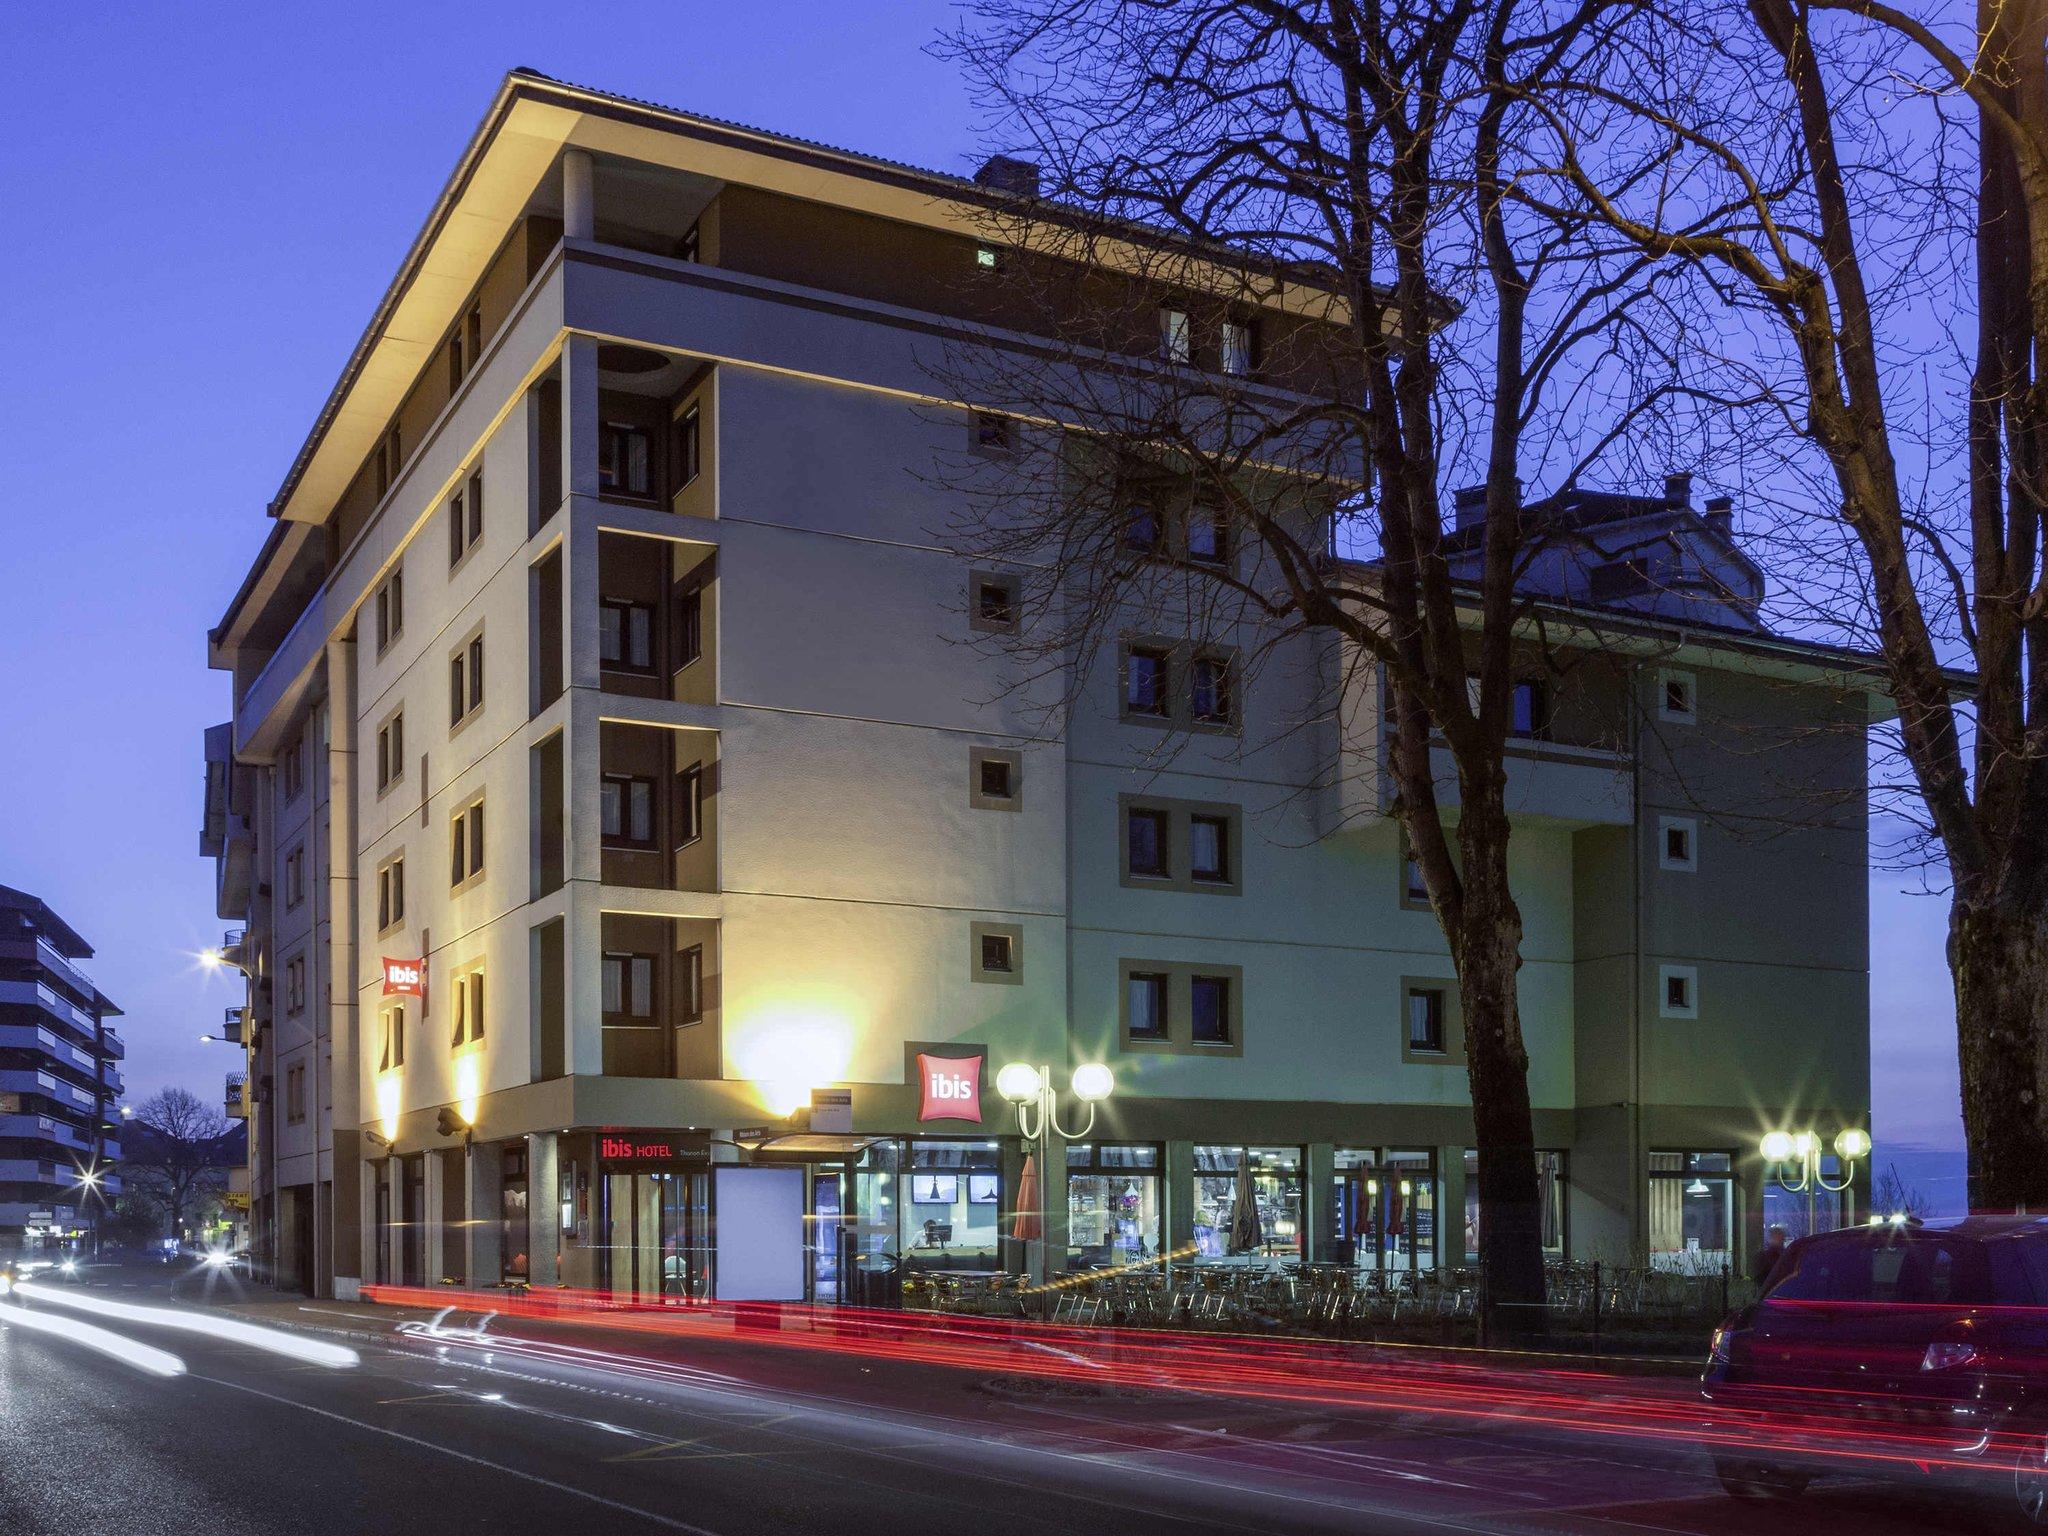 Ibis Hotel Thonon-les-Bains